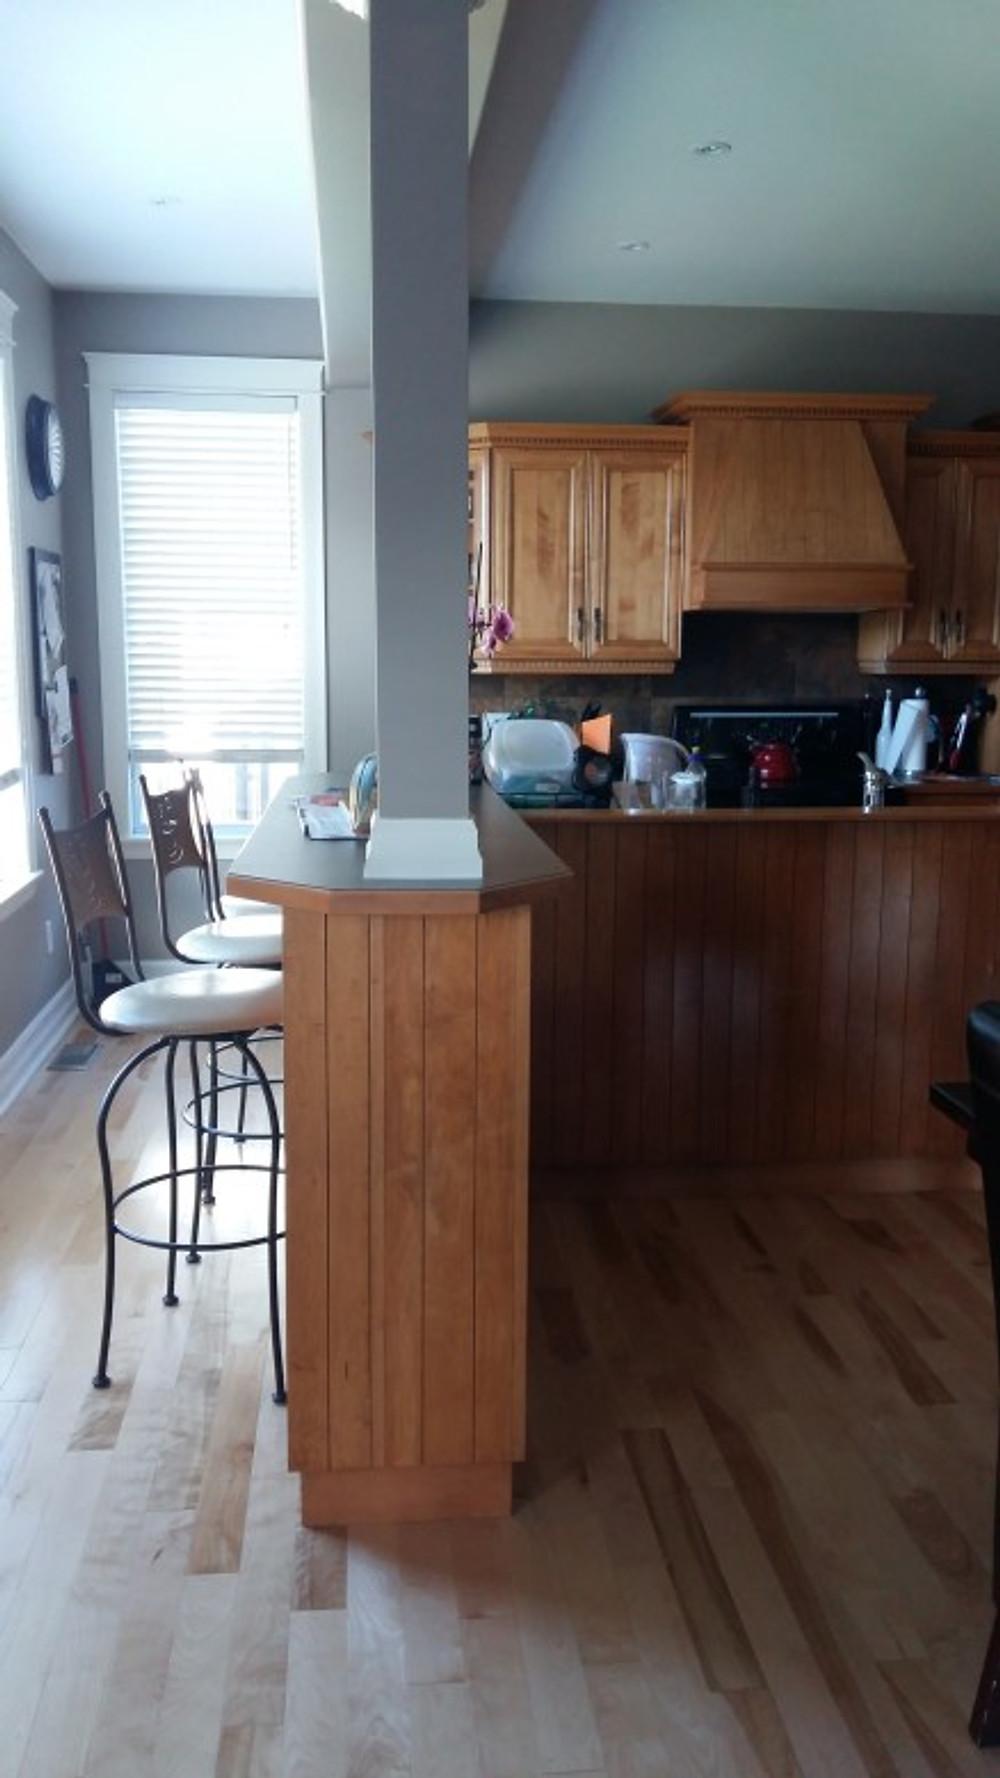 herage_kitchen before.jpg